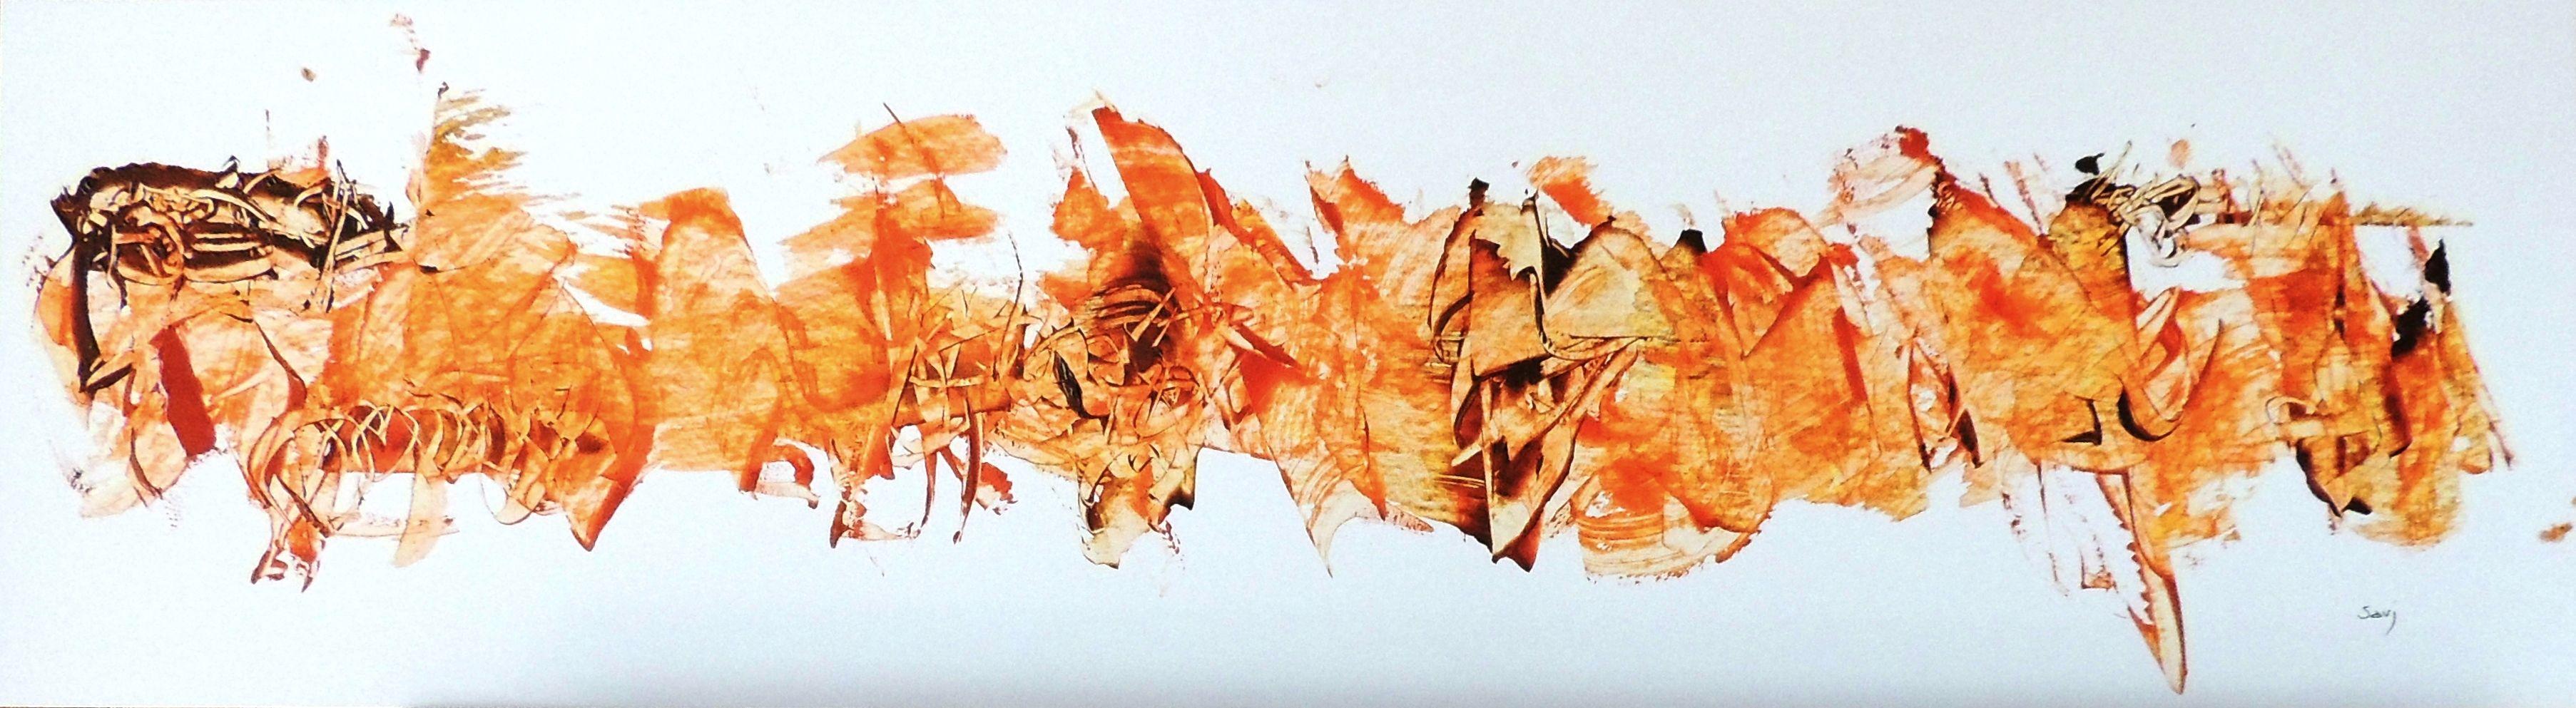 jean claude savi peinture acrylique sur papier 9